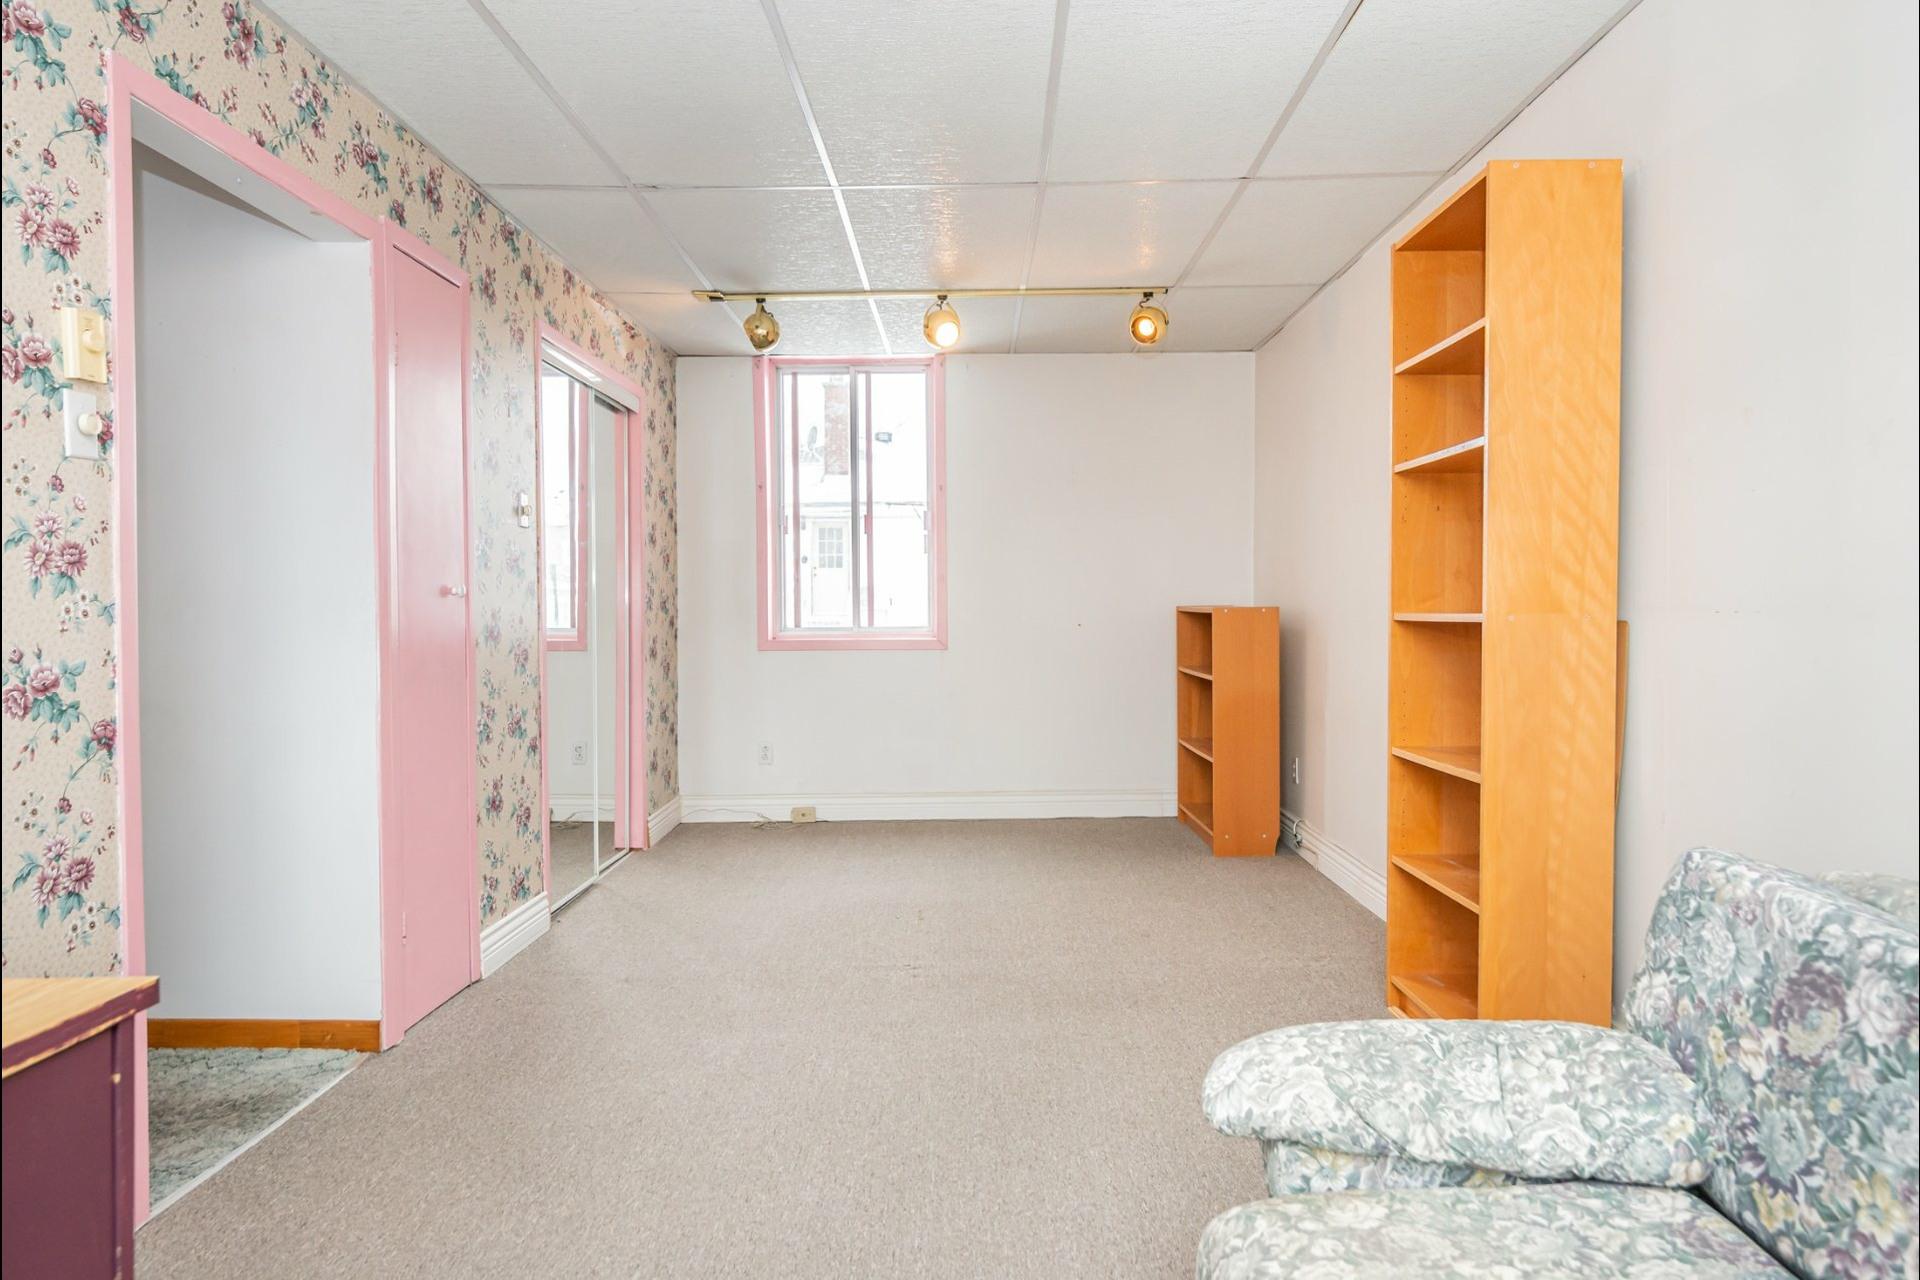 image 13 - House For sale Lachine Montréal  - 5 rooms